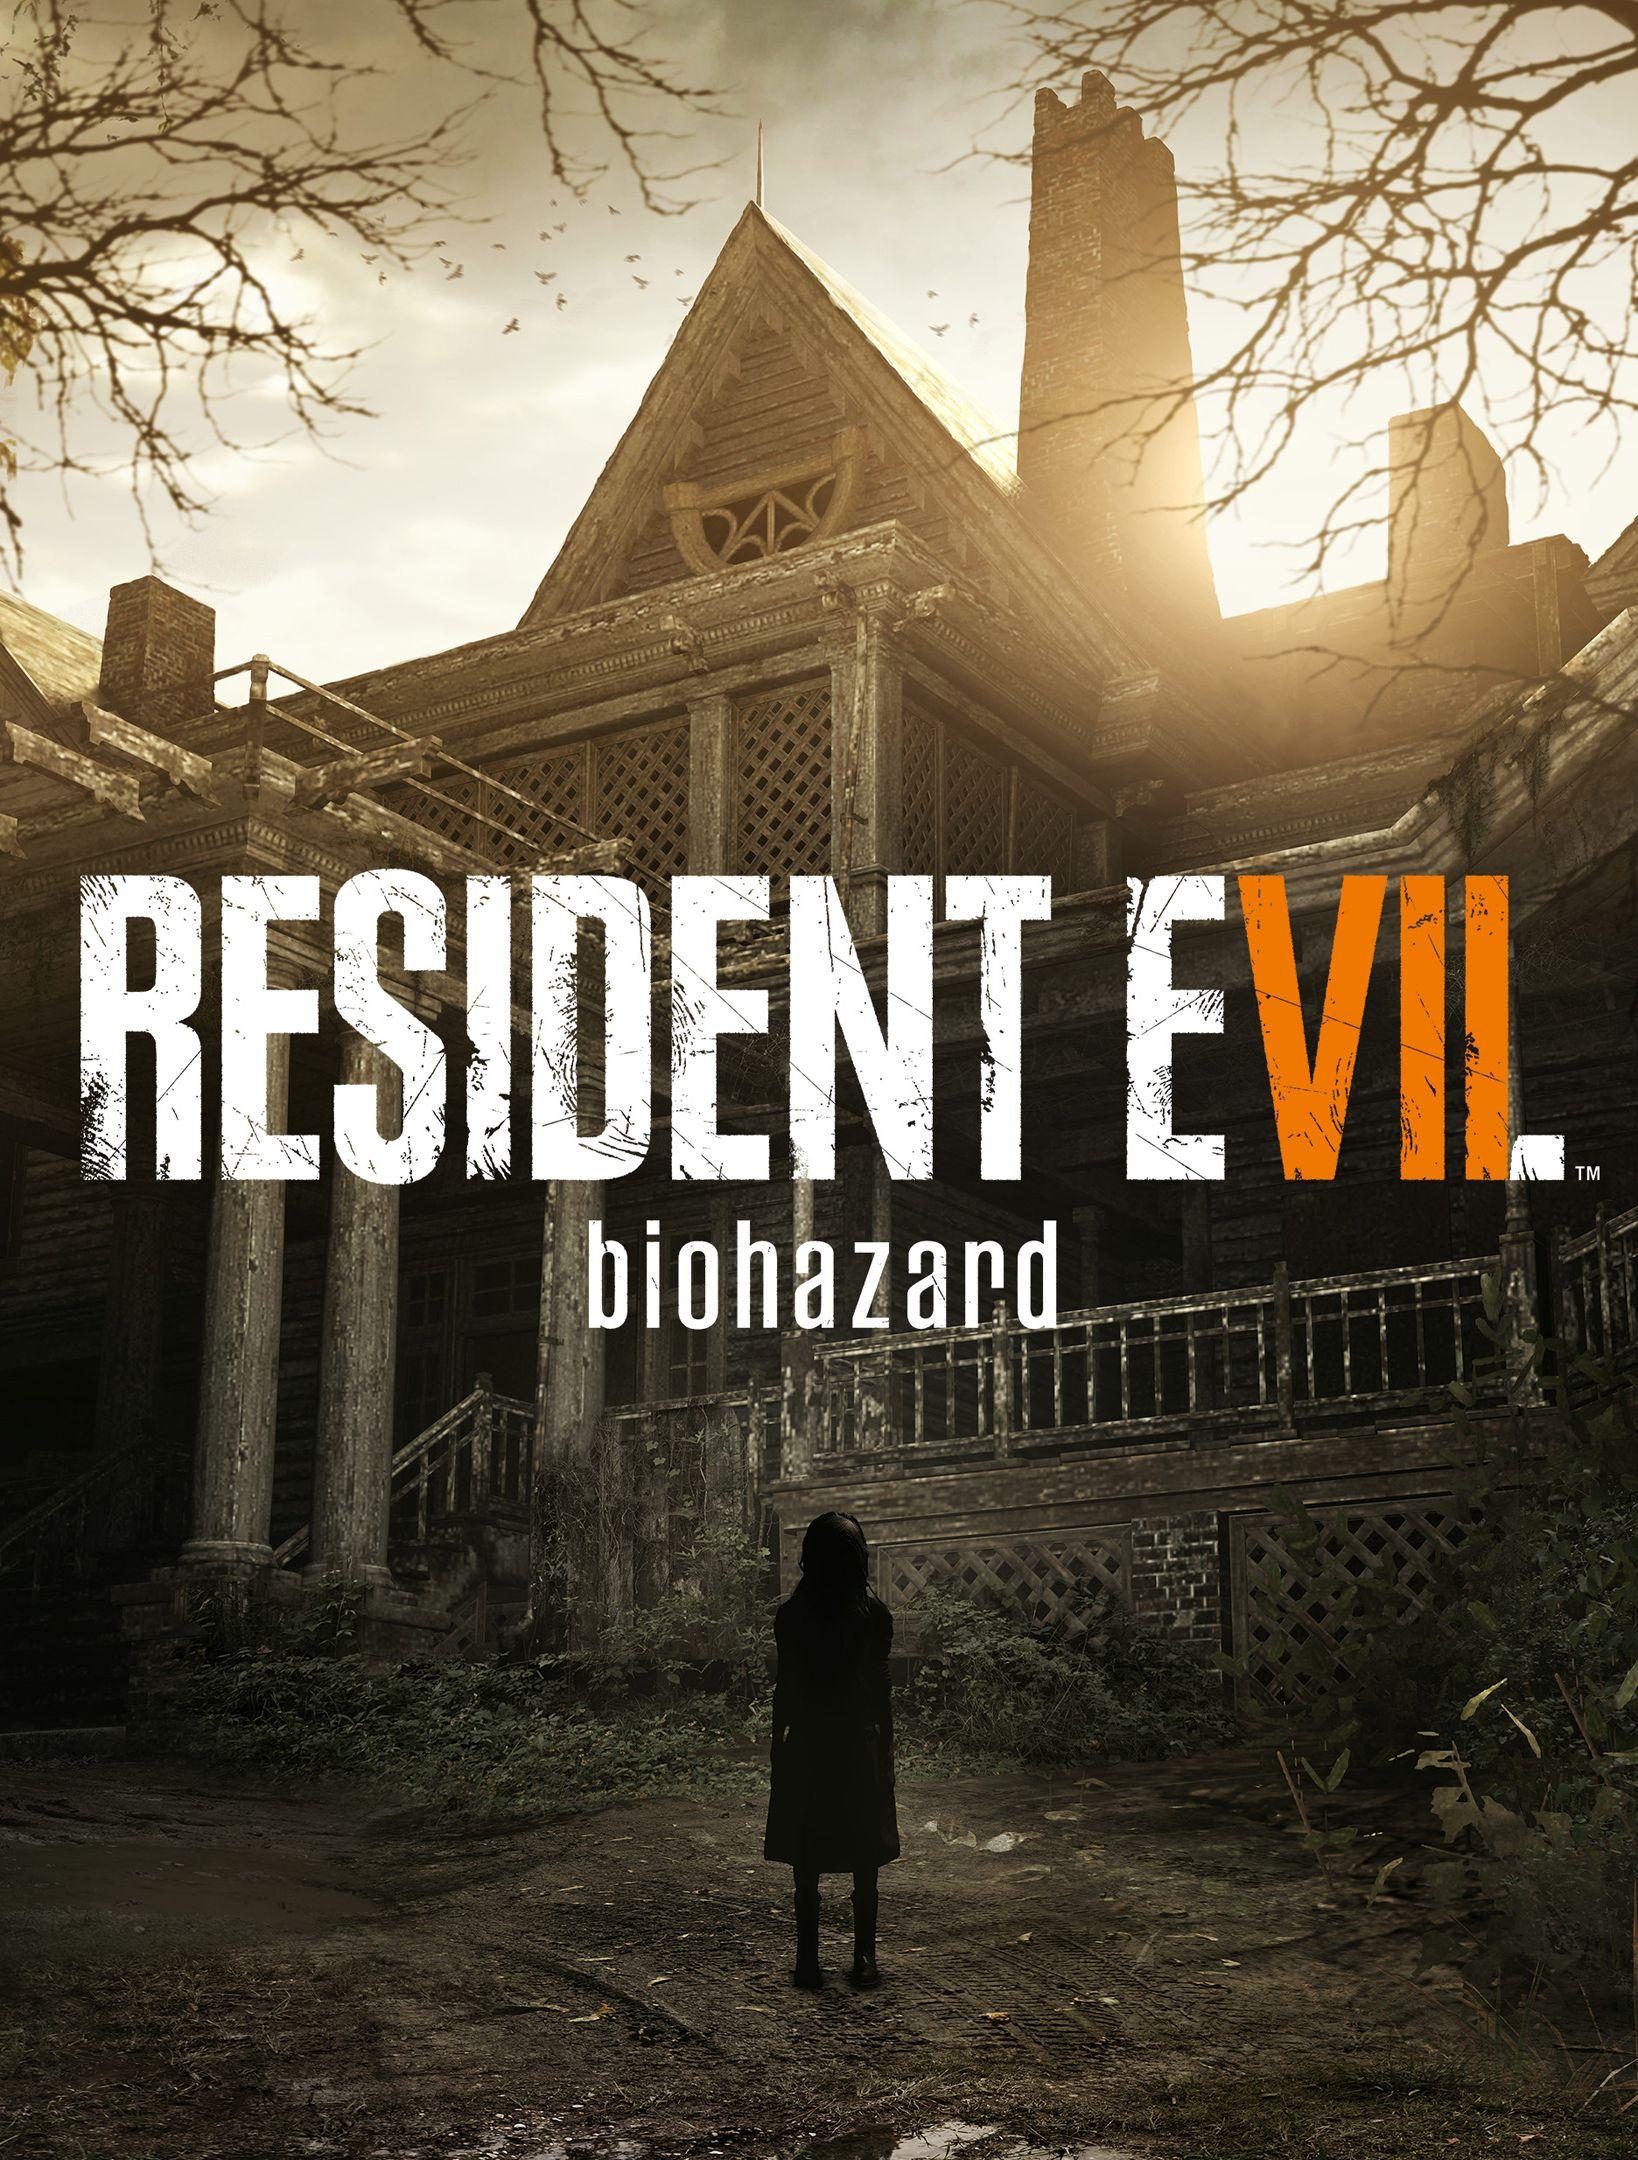 Resident Evil 7: Biohazard  (Цифровая версия)Игра Resident Evil 7: Biohazard  – новое слово в истории культовой серии. Это возвращение к истокам и то же время нечто совершенно новое. Начинается новая эпоха в развитии интерактивных триллеров.<br>